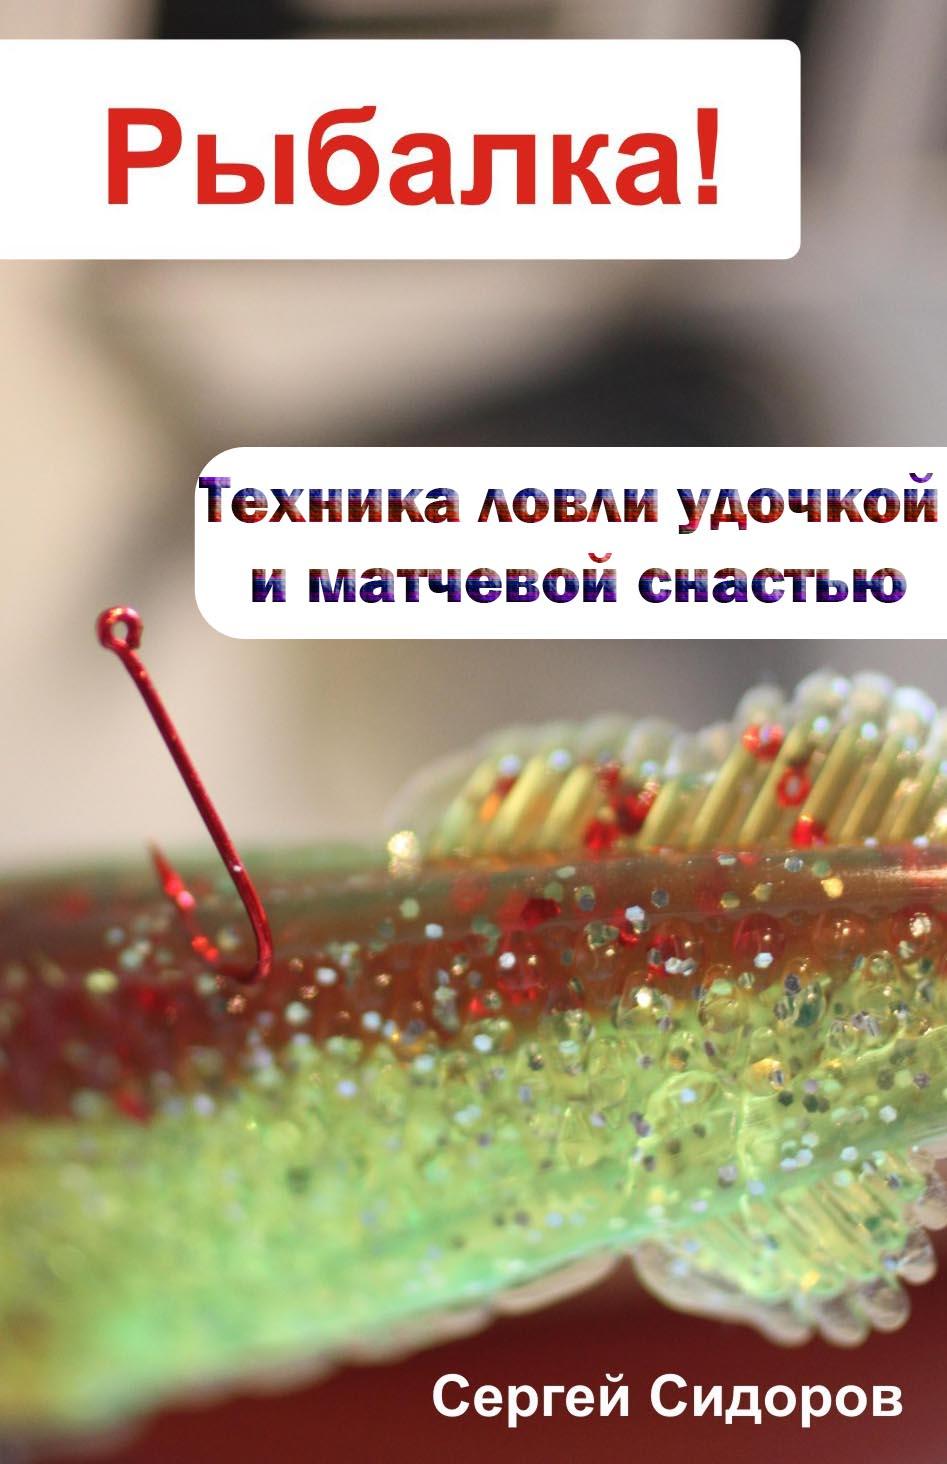 Сергей Сидоров Техника ловли удочкой и матчевой снастью поплавок caperlan набор поплавков для матчевой ловли match 2018